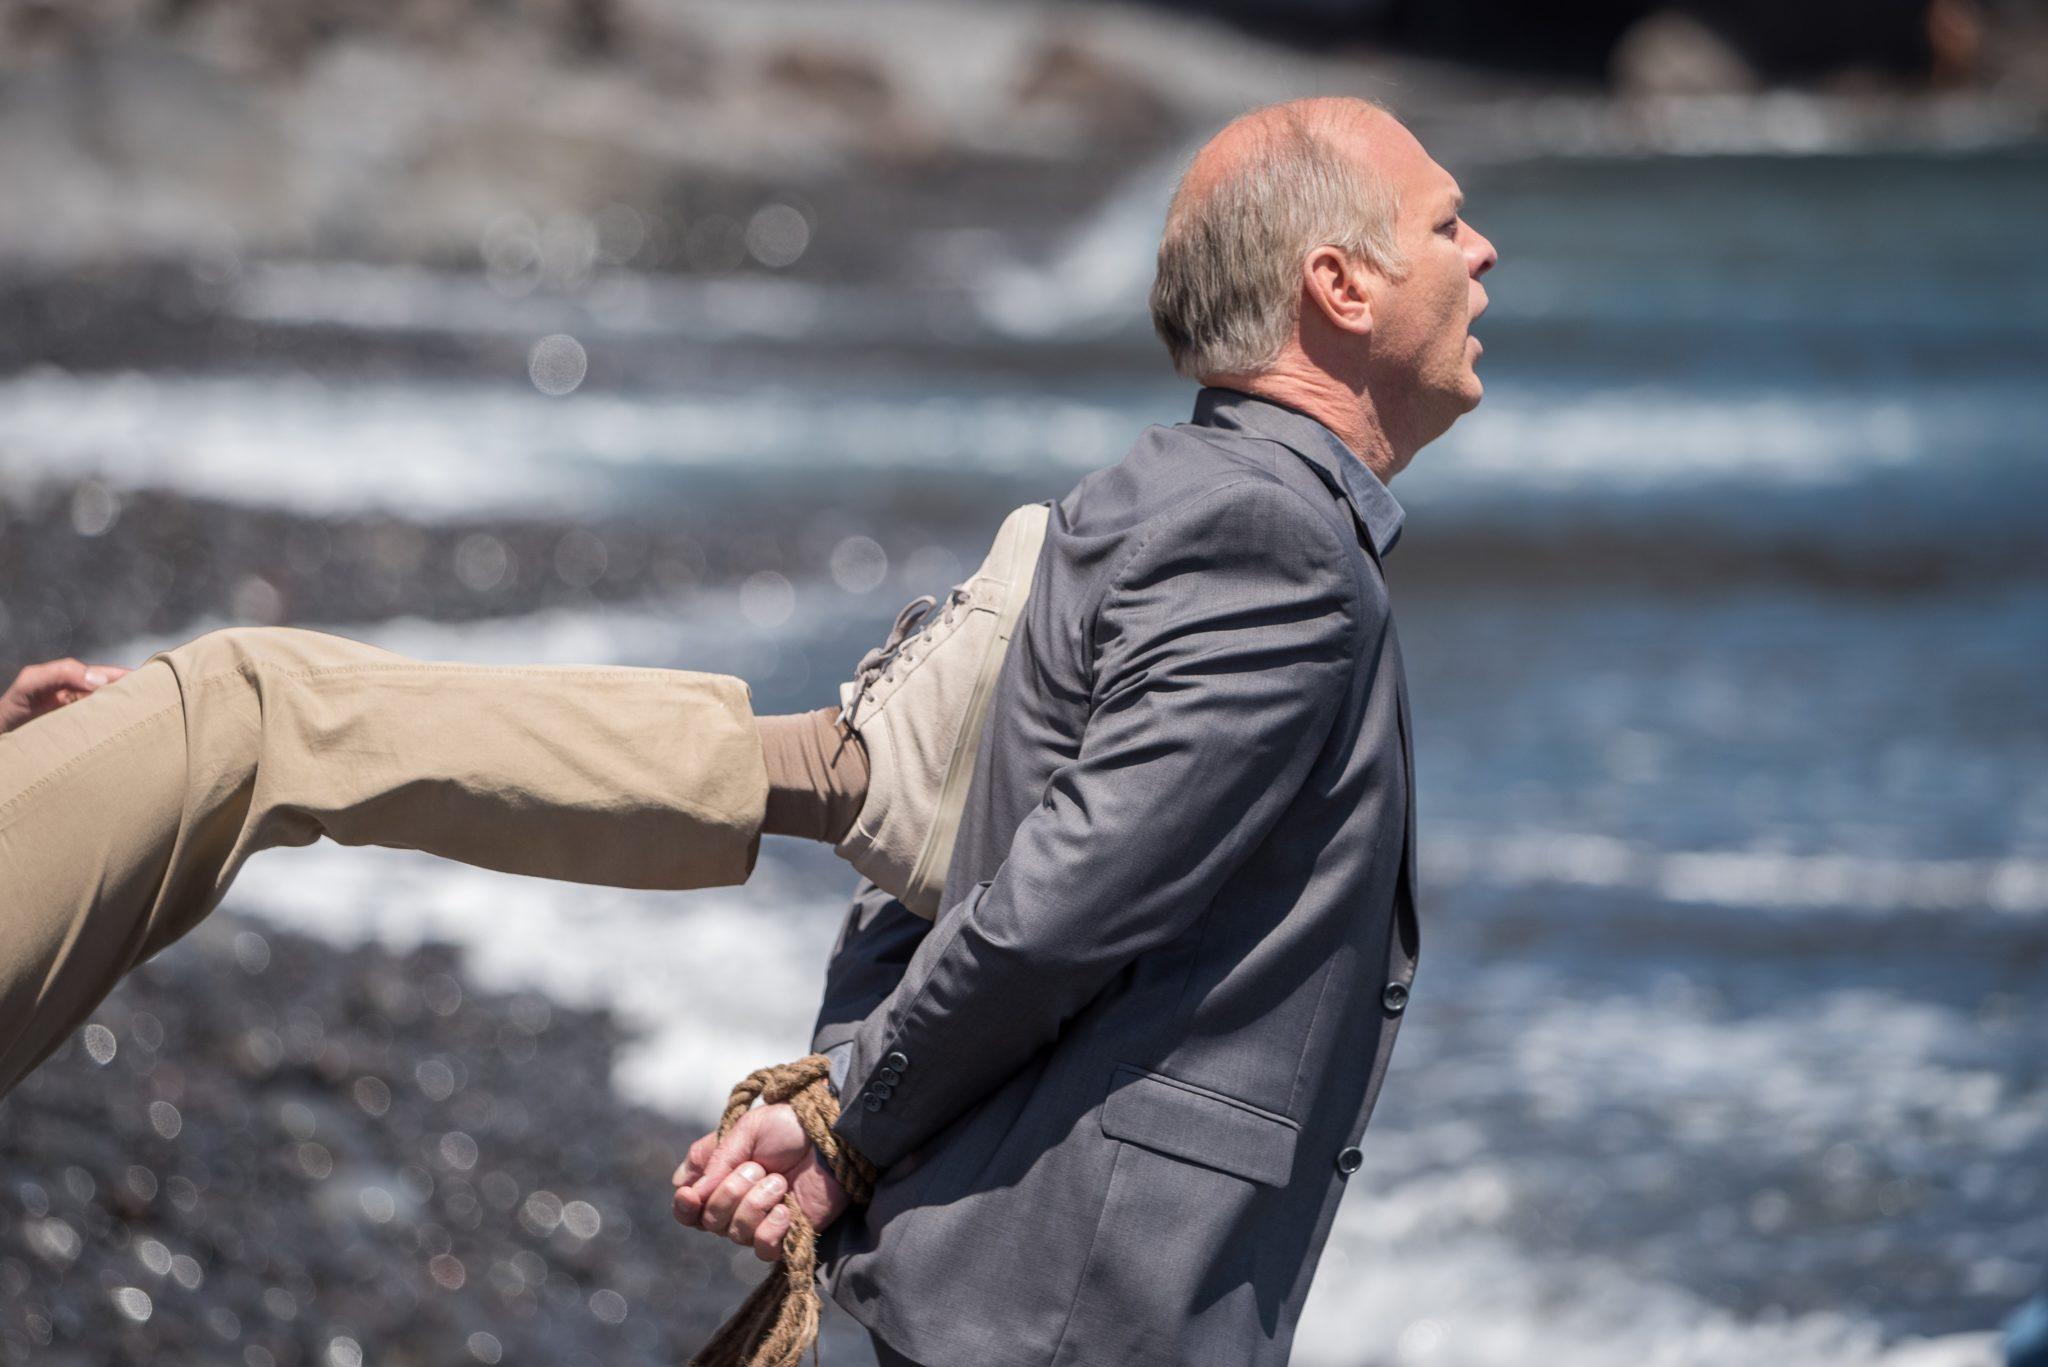 Cristi wird auf der Insel La Gomera von einem Gangster ins Meer getreten. Die Person ist nicht zu sehen, nur sein Bein, das Cristi am Rücken trifft, ist im Bild.